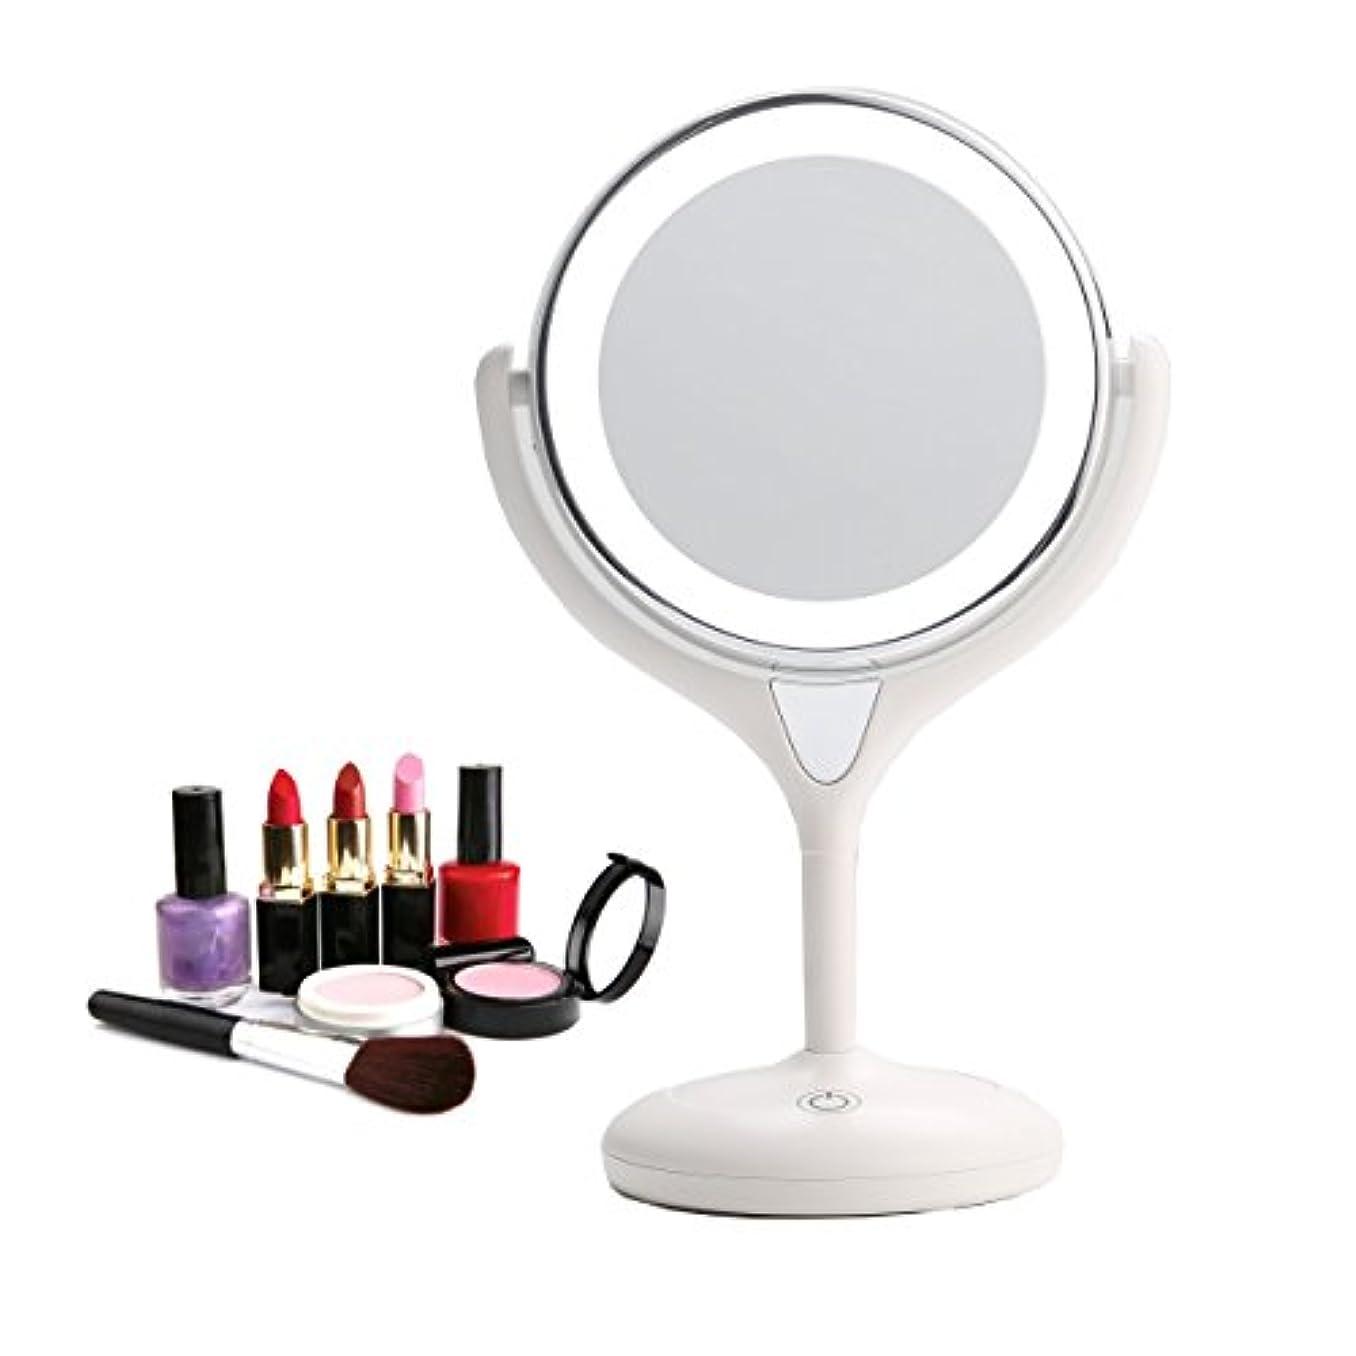 圧縮する晩ごはん安心させるBestaid-スタンドミラー シンプルデザイン 真実の両面鏡DX 10倍拡大鏡 360度回転 卓上鏡 メイク 化粧道具 14 * 11.5 * 28.5cm